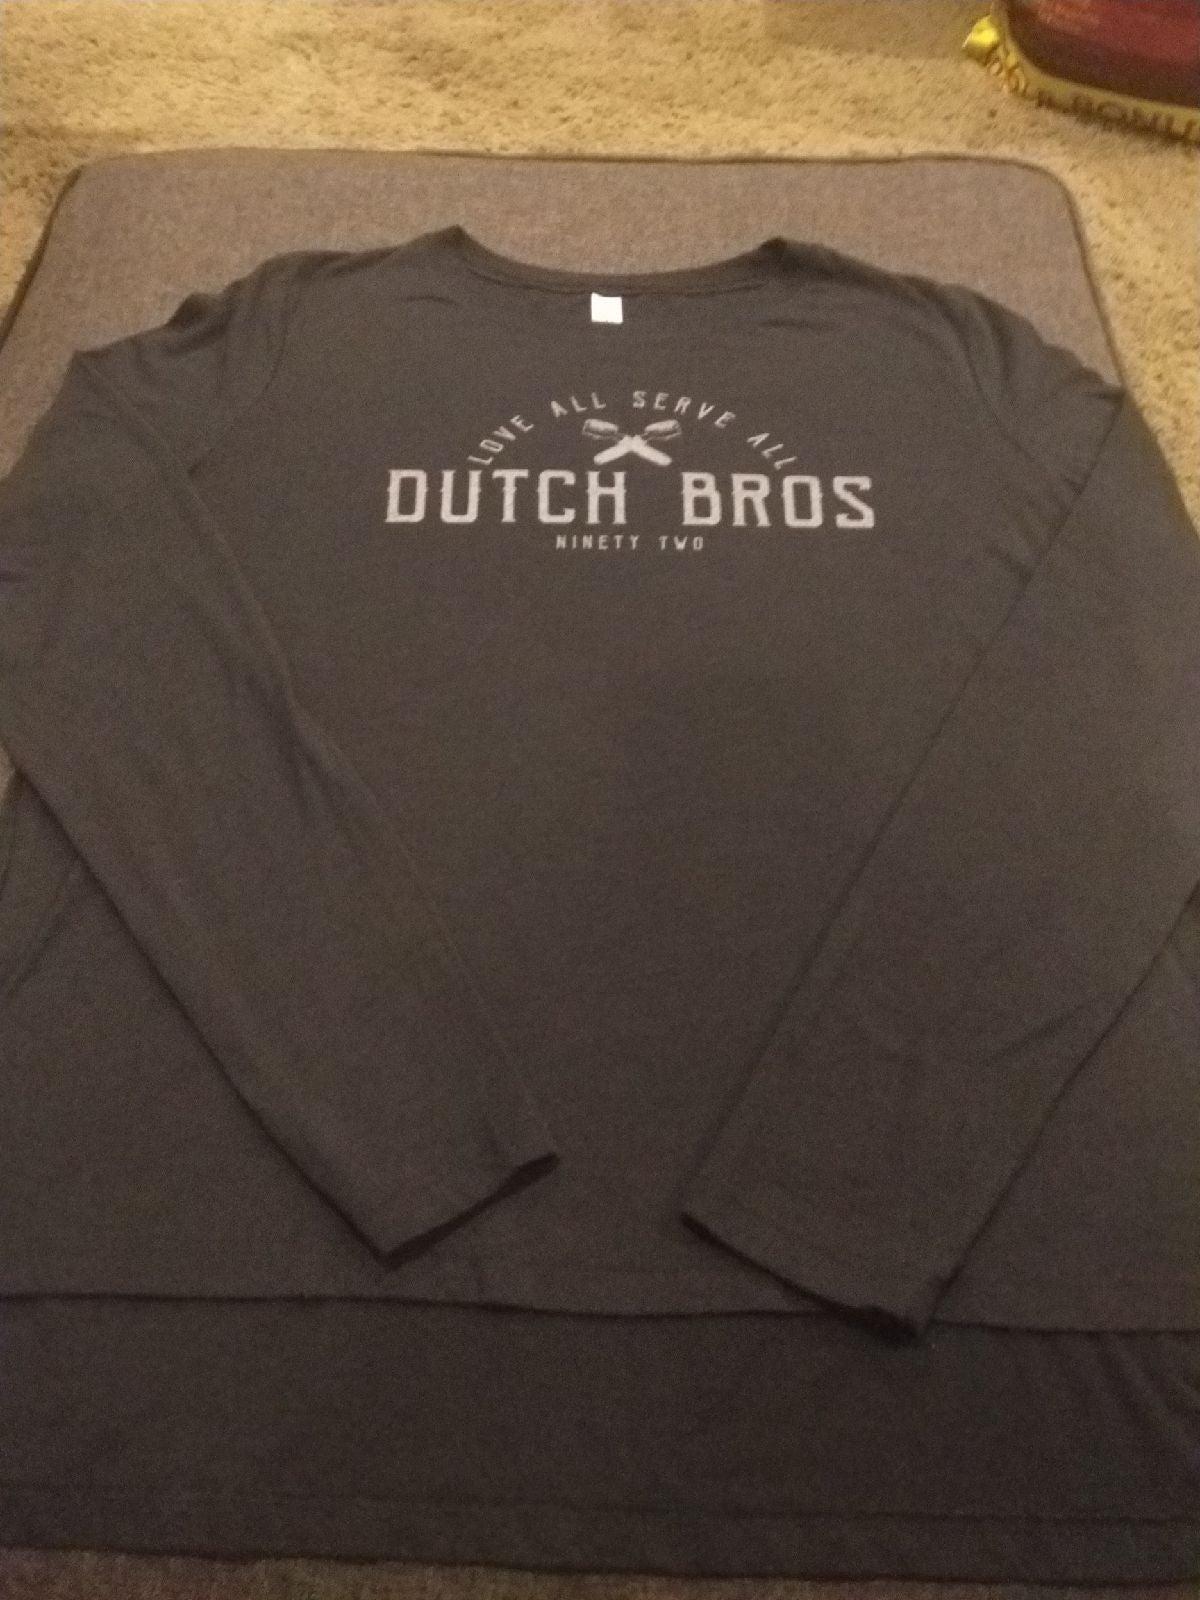 Love All Serve All Dutch Bros shirt